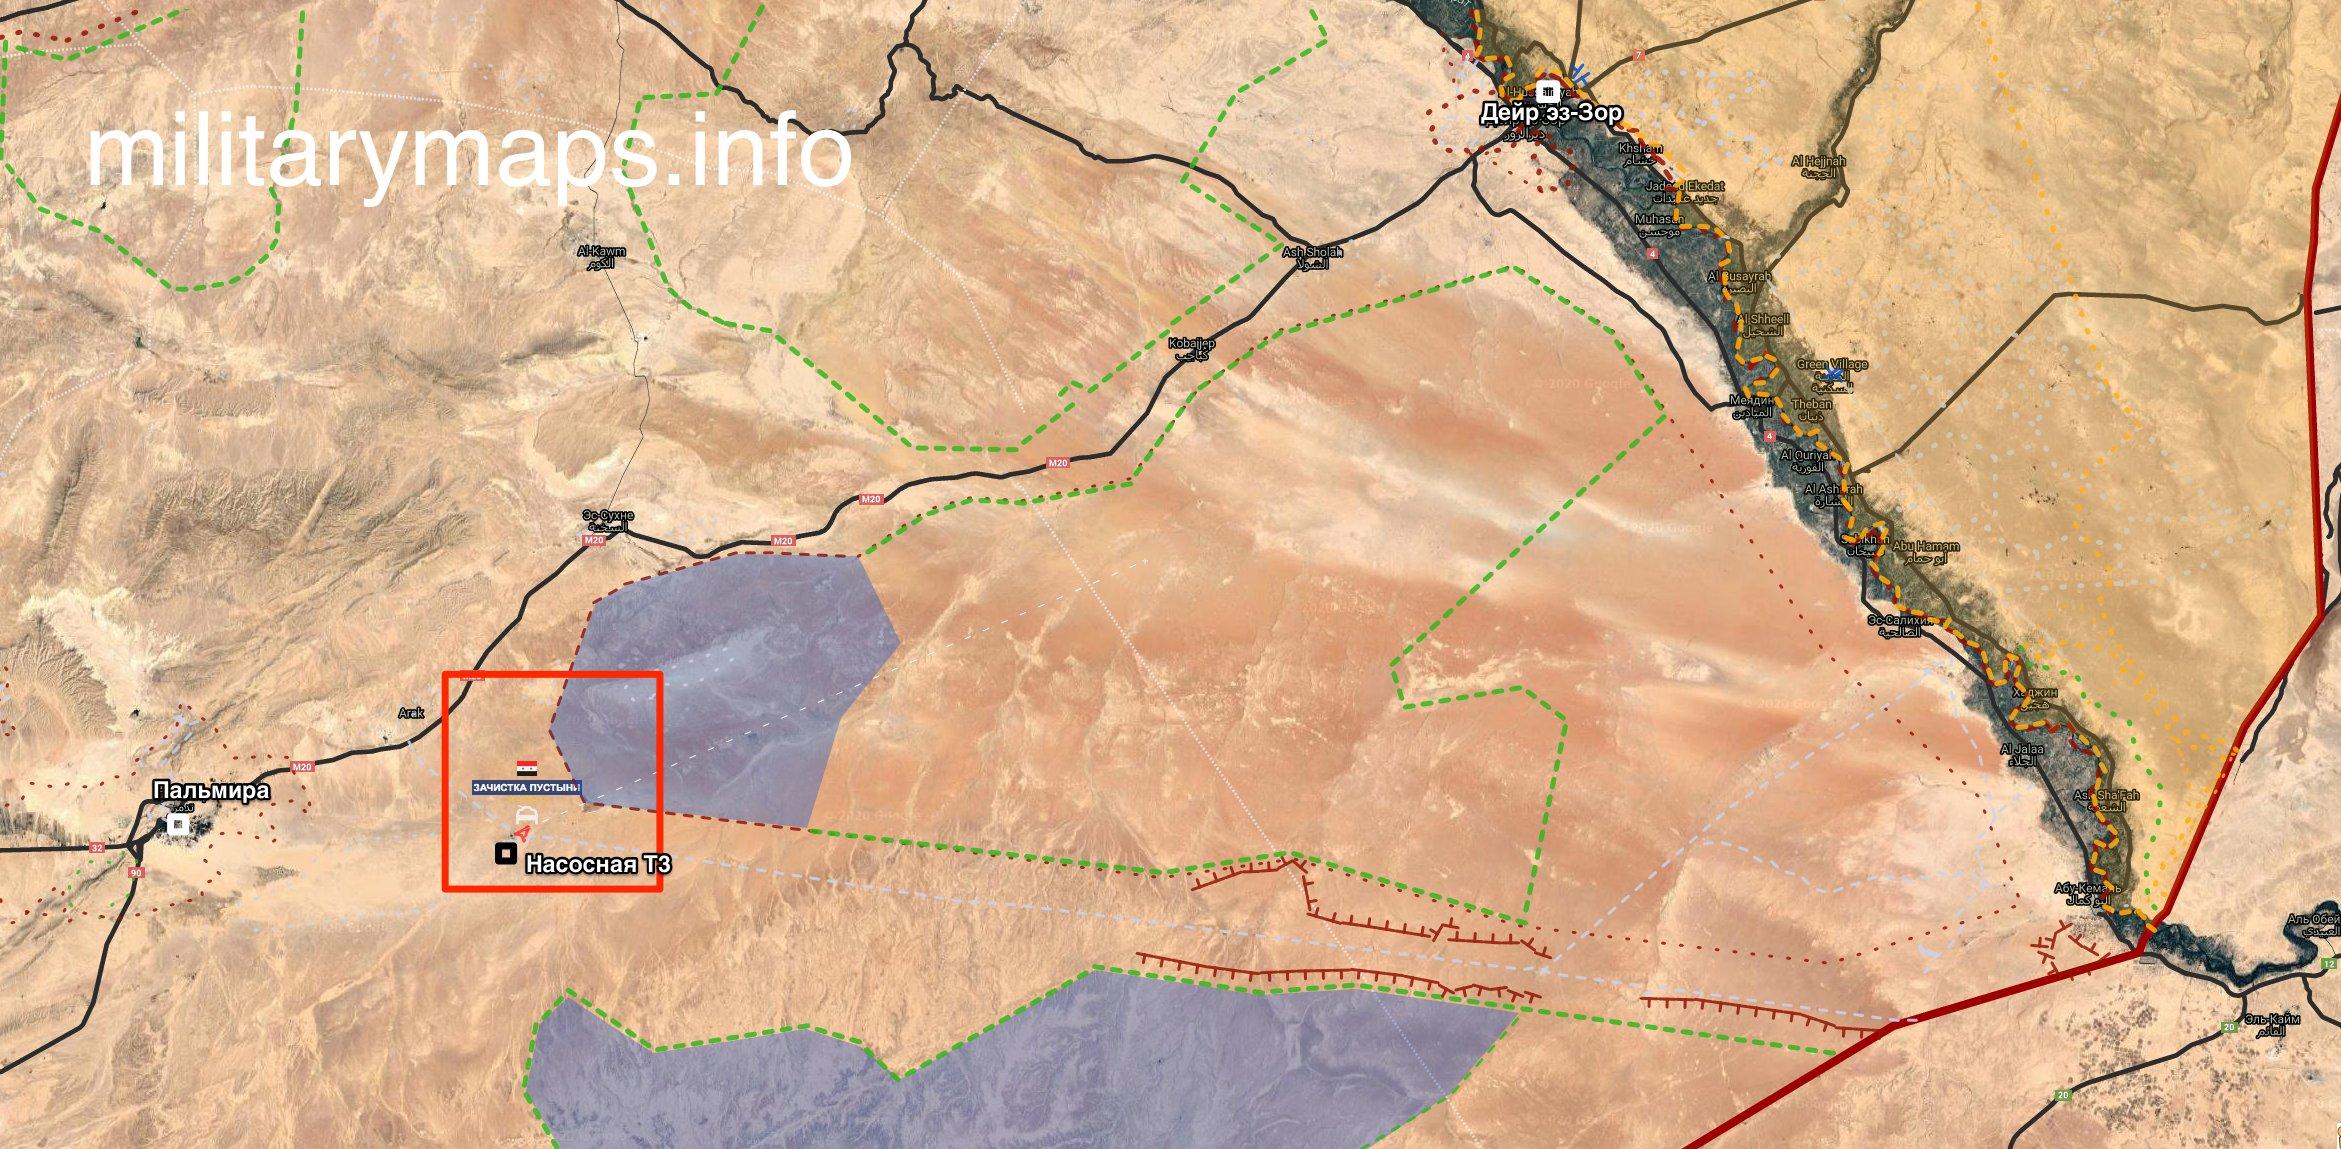 """خريطة توضح مكان محطة """"T3"""" وأماكن تحركات تنظيم """"الدولة"""" بين في منطقة كباجب بين دير الزور وتدمر (MilitaryMaps)"""